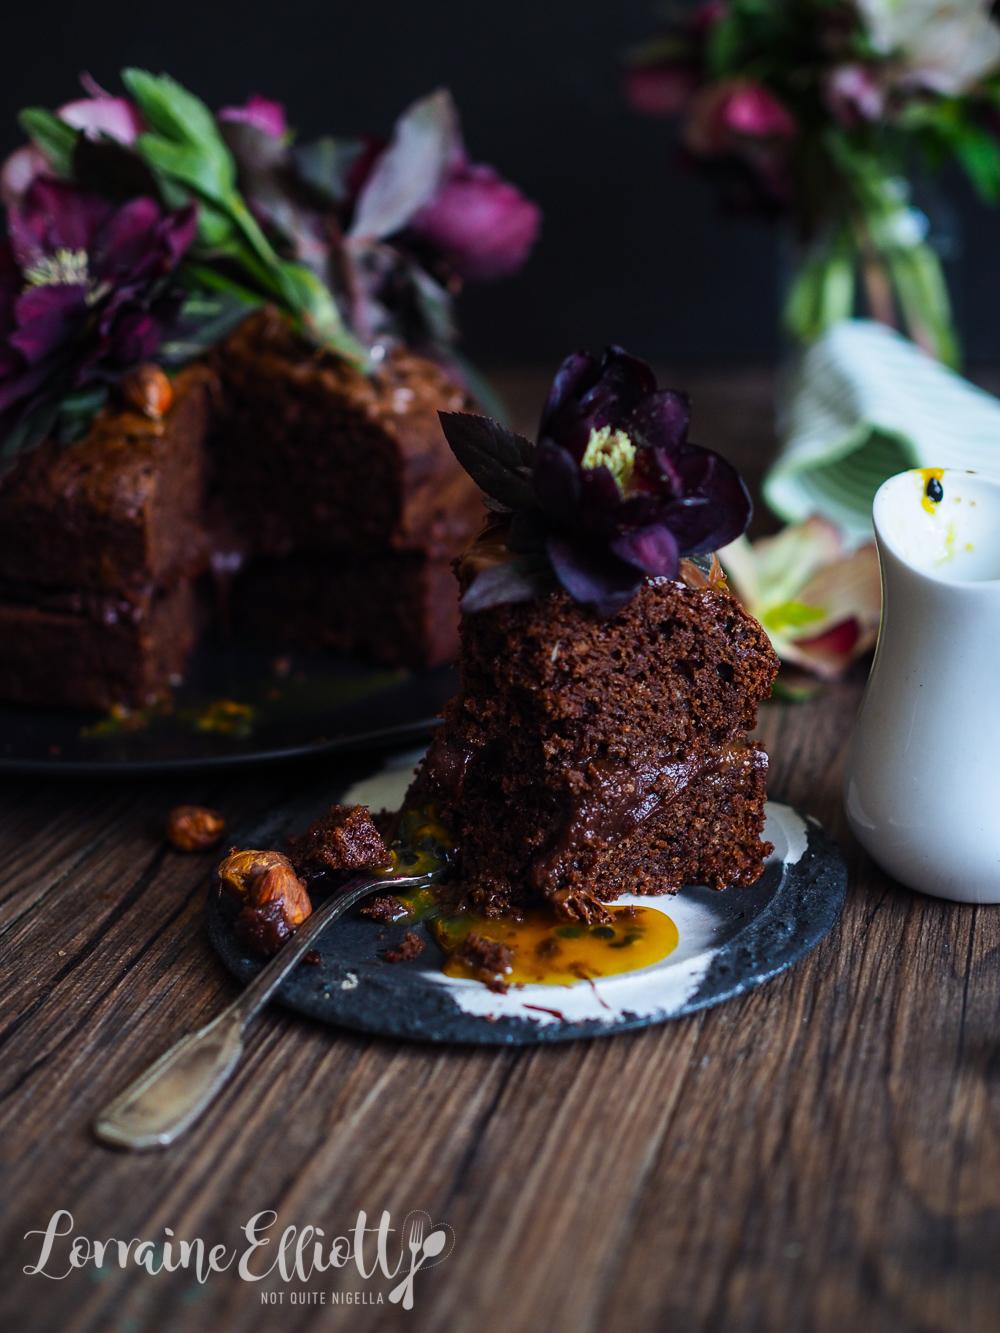 Chocolate Passionfruit & Hazelnut Cake